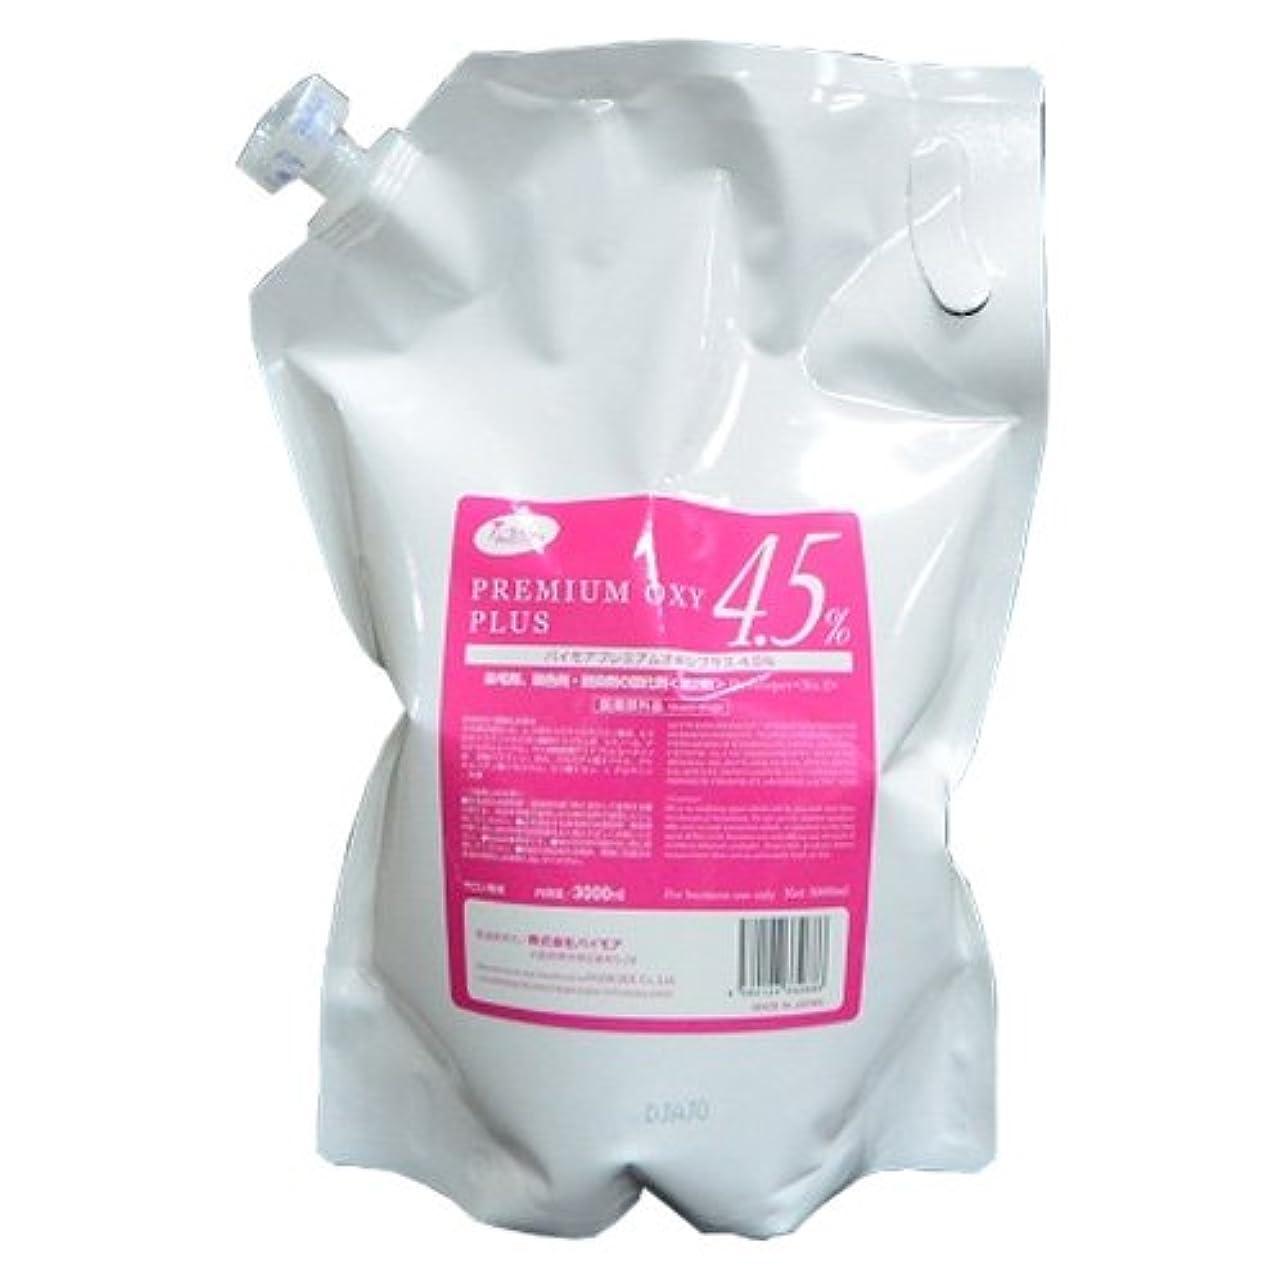 こねる先駆者胃パイモア プレミアムオキシプラス 4.5%(レフィルタイプ) 3000ml [医薬部外品]